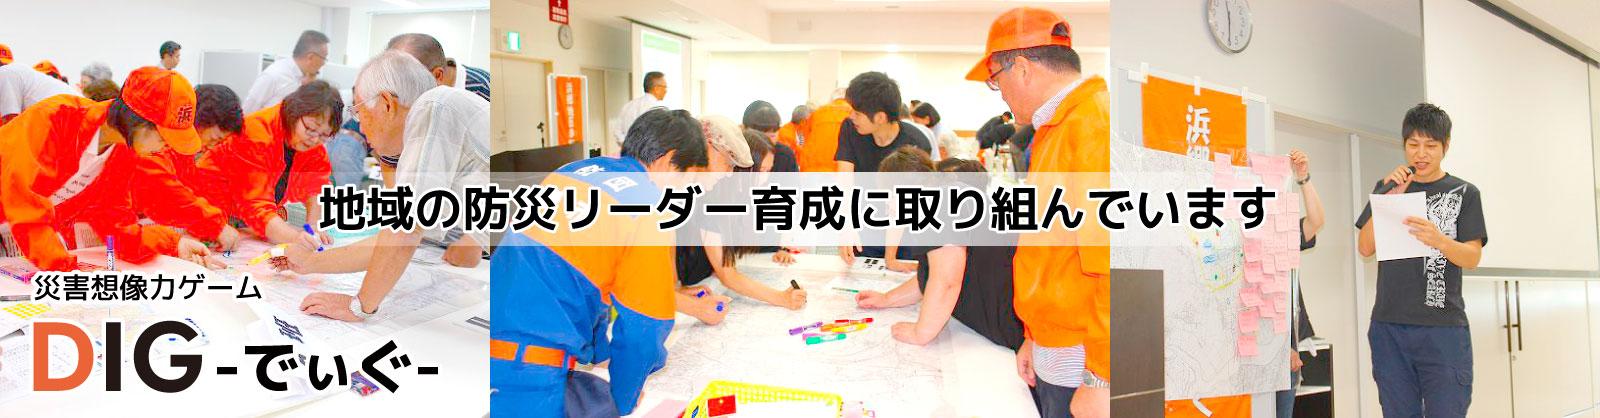 災害想像力ゲームDIG(ディグ)